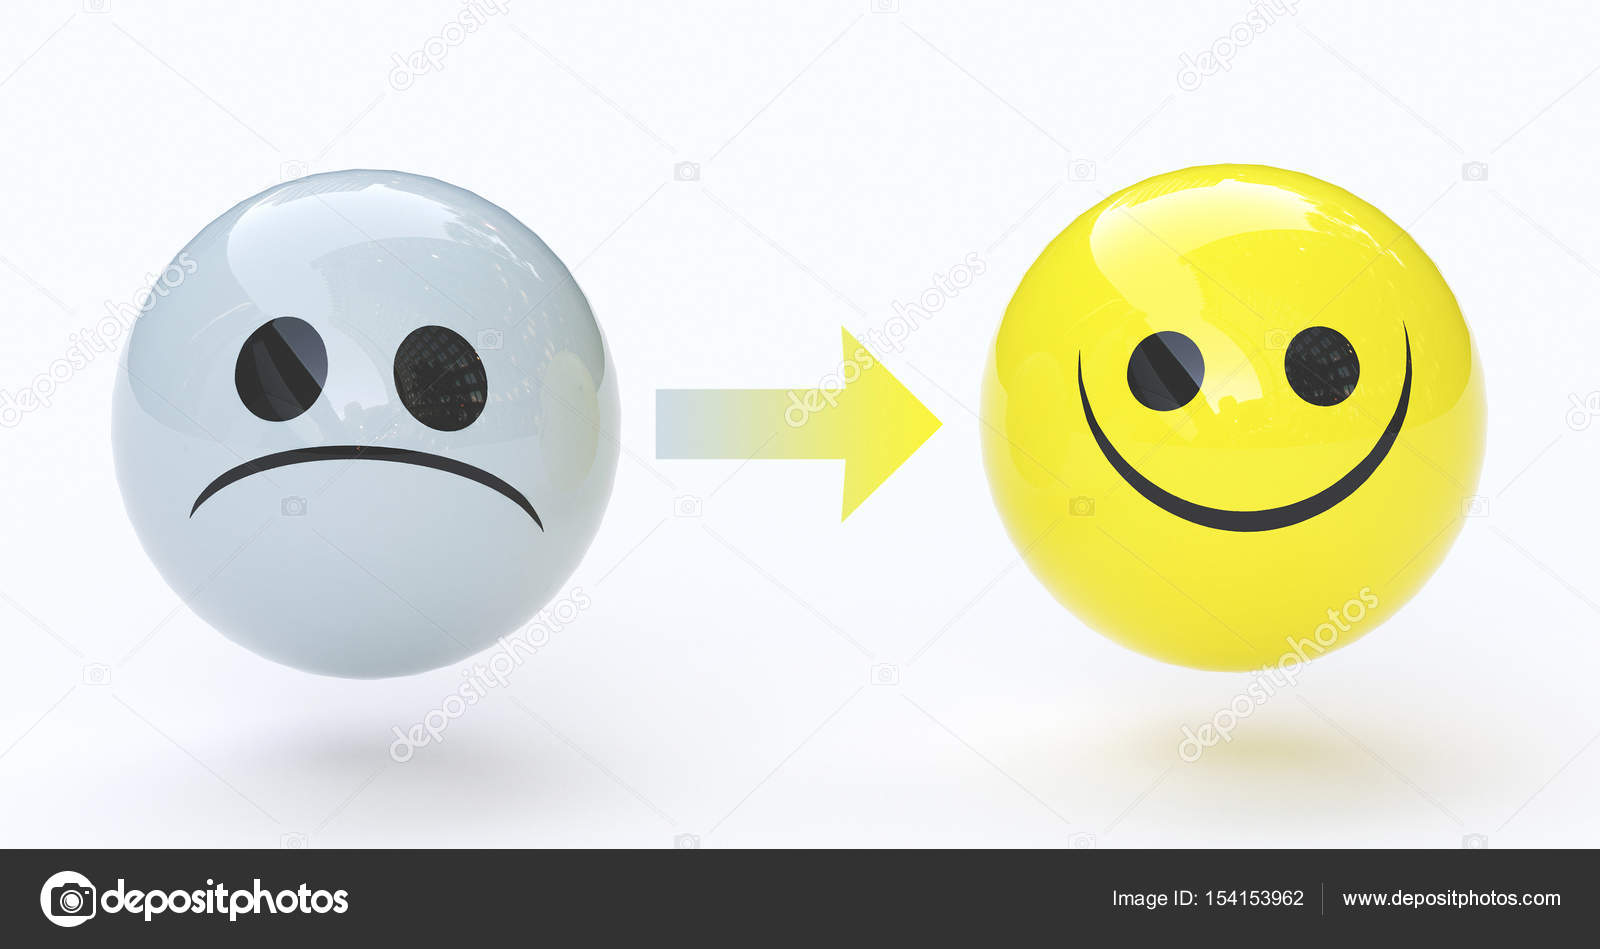 Üzgün Ve Mutlu Yüz, 3d Render